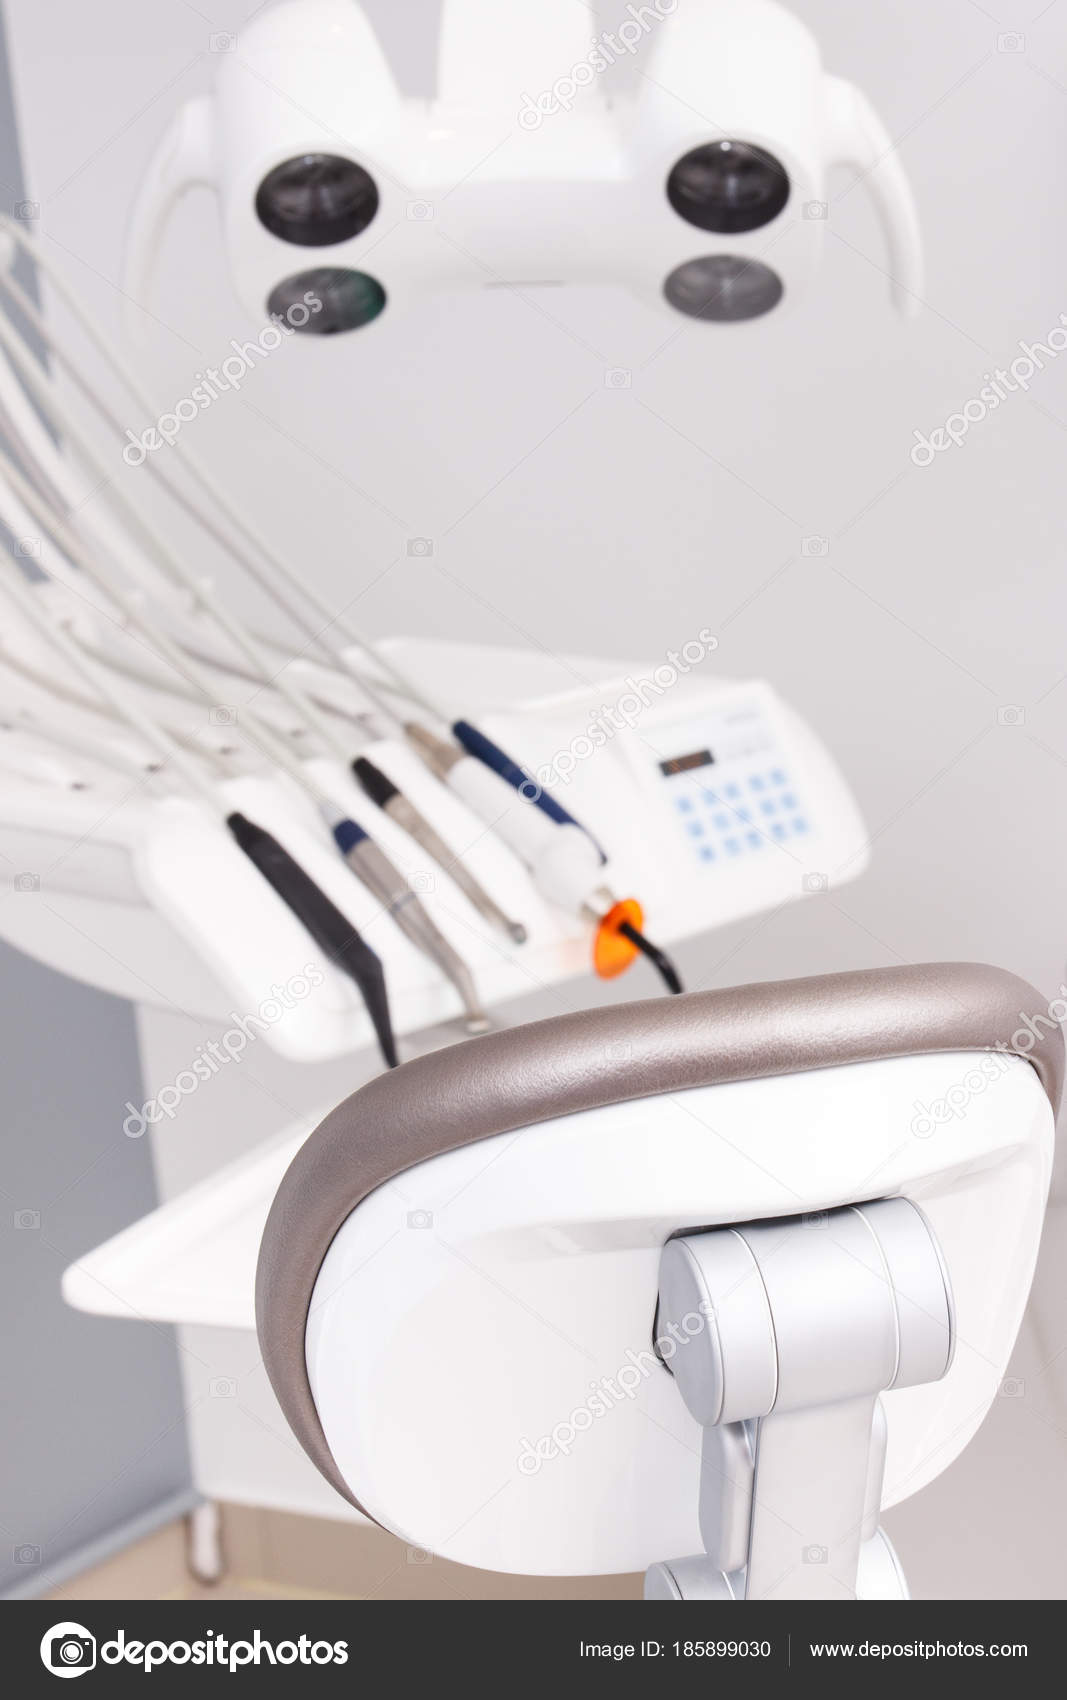 nuovi prezzi più bassi presa all'ingrosso outlet online Poltrona odontoiatrica e accessori usati dai dentisti nell ...